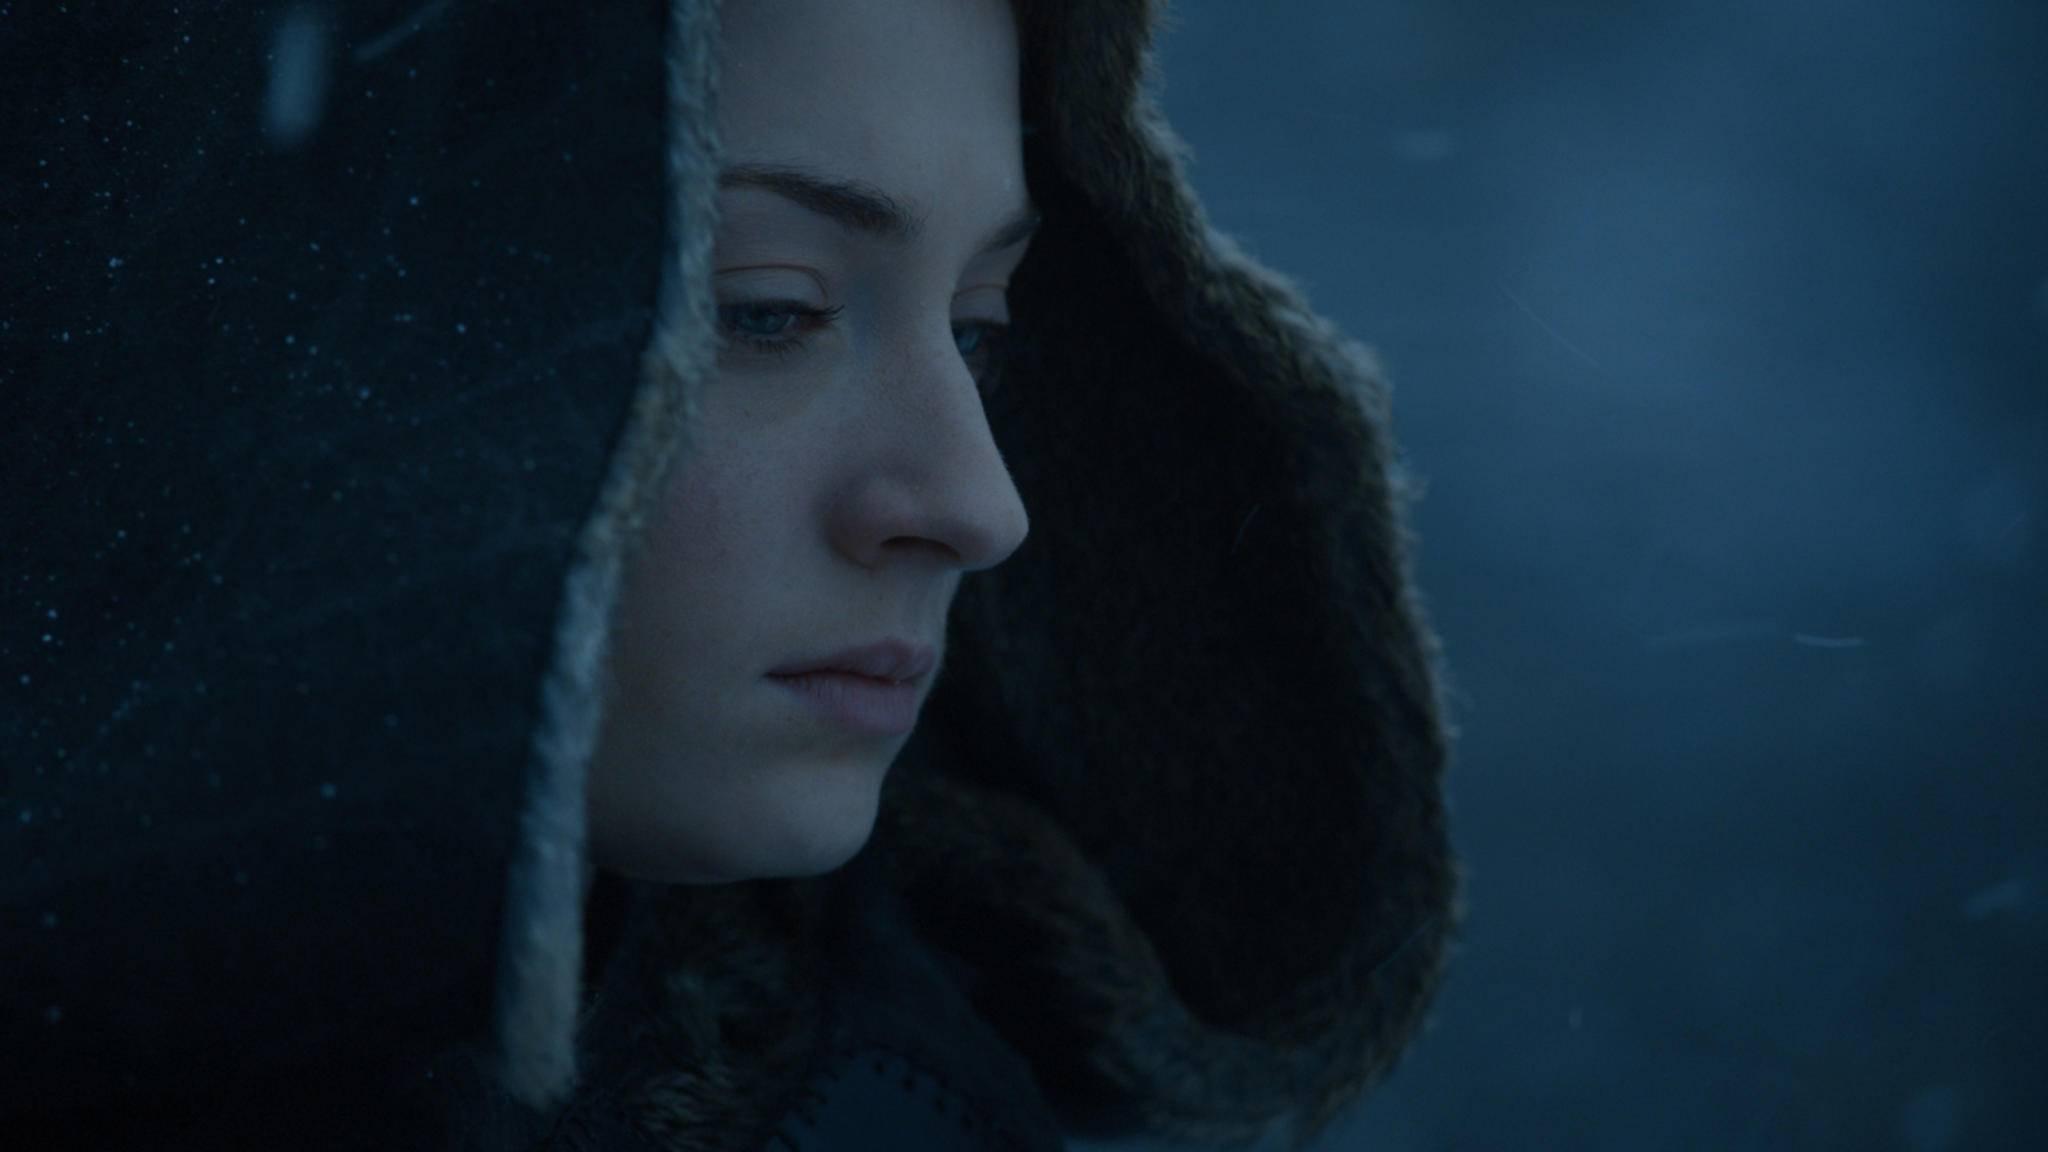 Der Winter ist da ... und mit ihm schlechte Nachrichten aus Westeros.